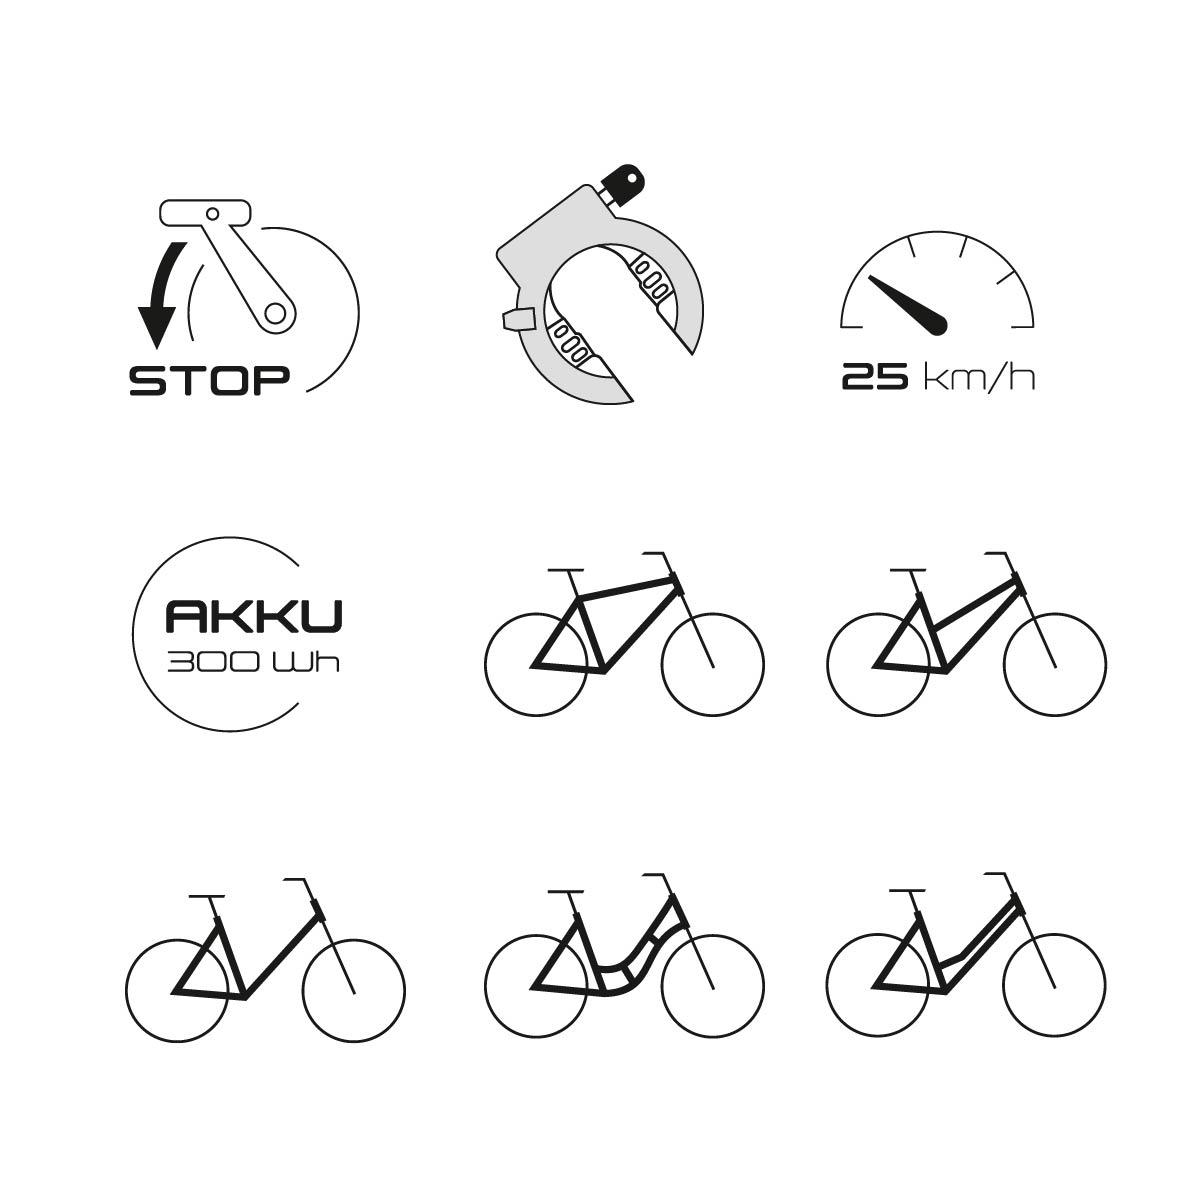 Diamant Rahmenformen Symbole Bedeutung Vektorgrafik Reinzeichnung Fahrrd E-Bike